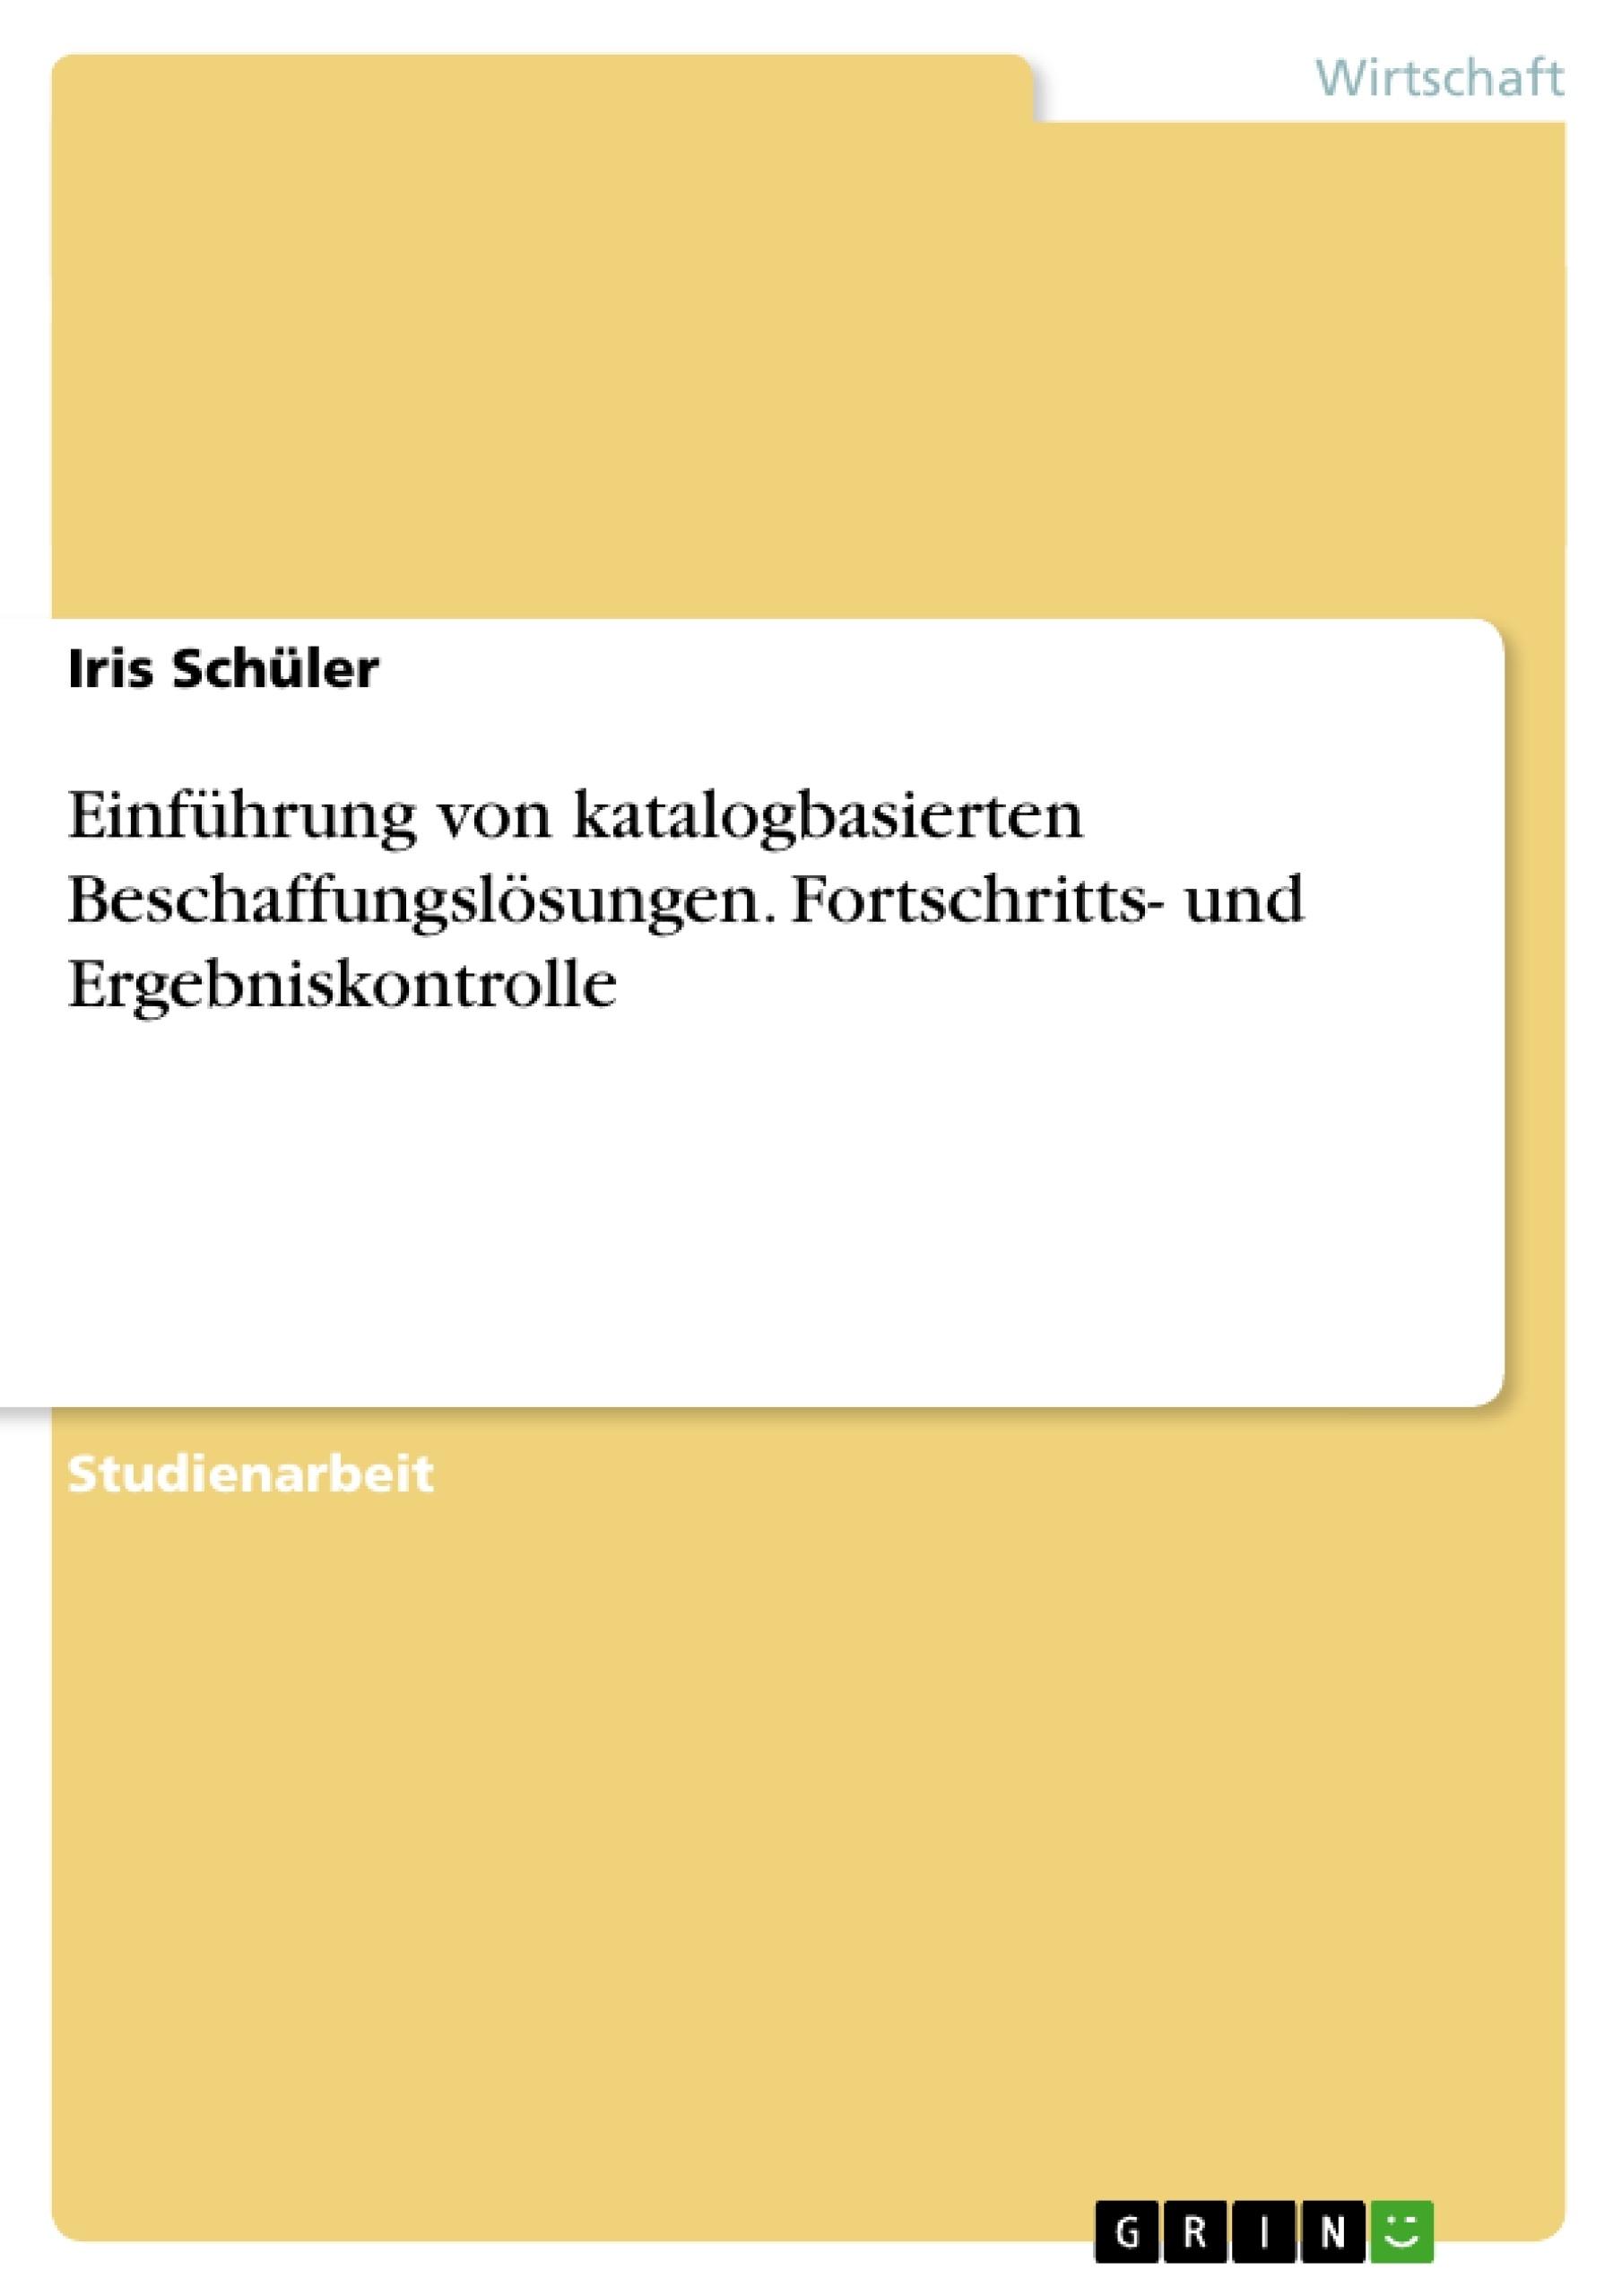 Titel: Einführung von katalogbasierten Beschaffungslösungen. Fortschritts- und Ergebniskontrolle